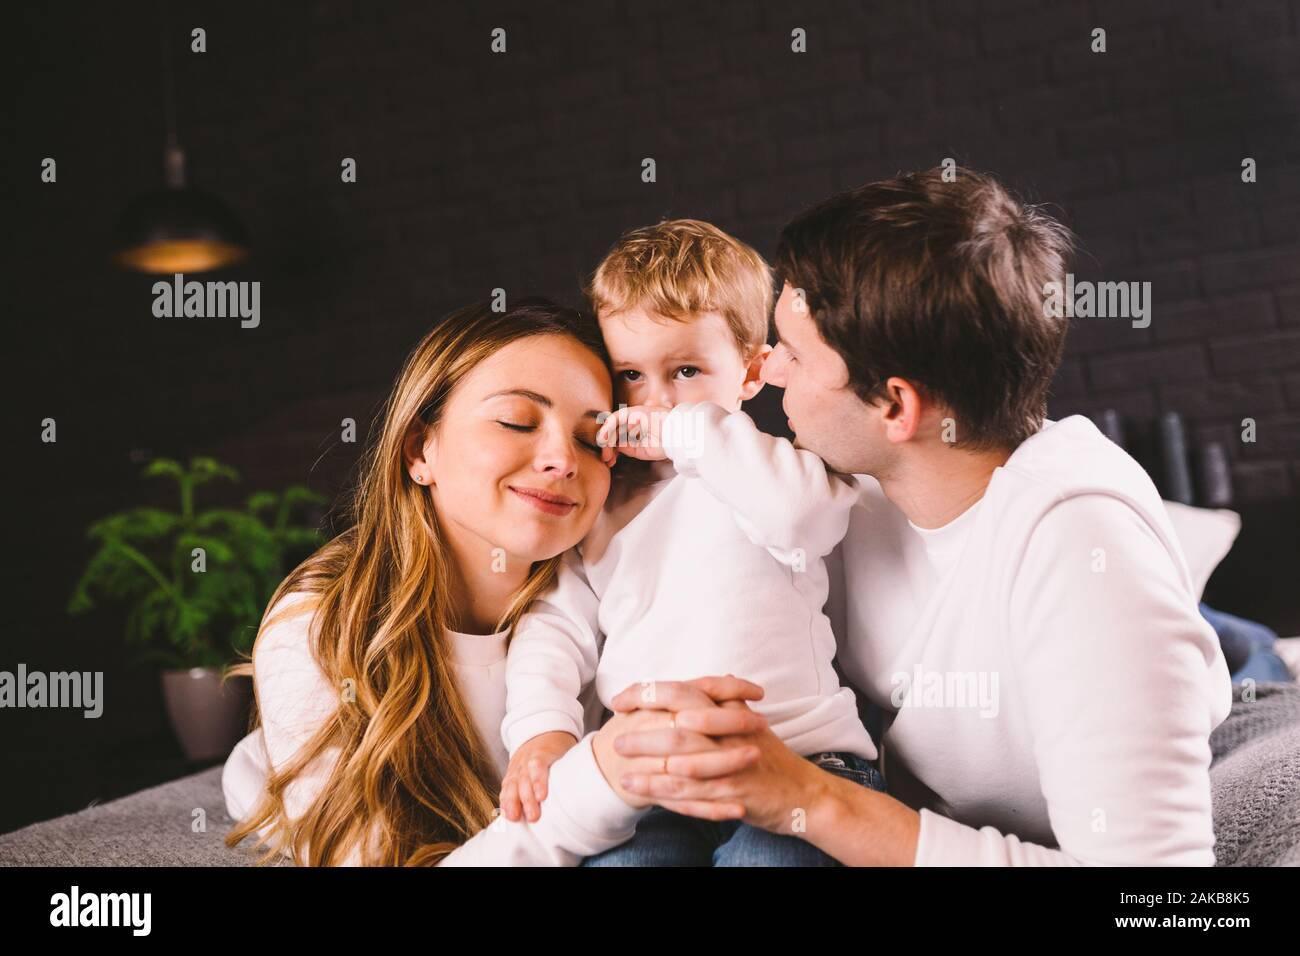 Feliz familia divirtiéndose acostada en la cama, en su casa. Familia feliz en la cama. Papá, mamá e hijo residen en dormitorio en puertas. padre, madre y niño Foto de stock